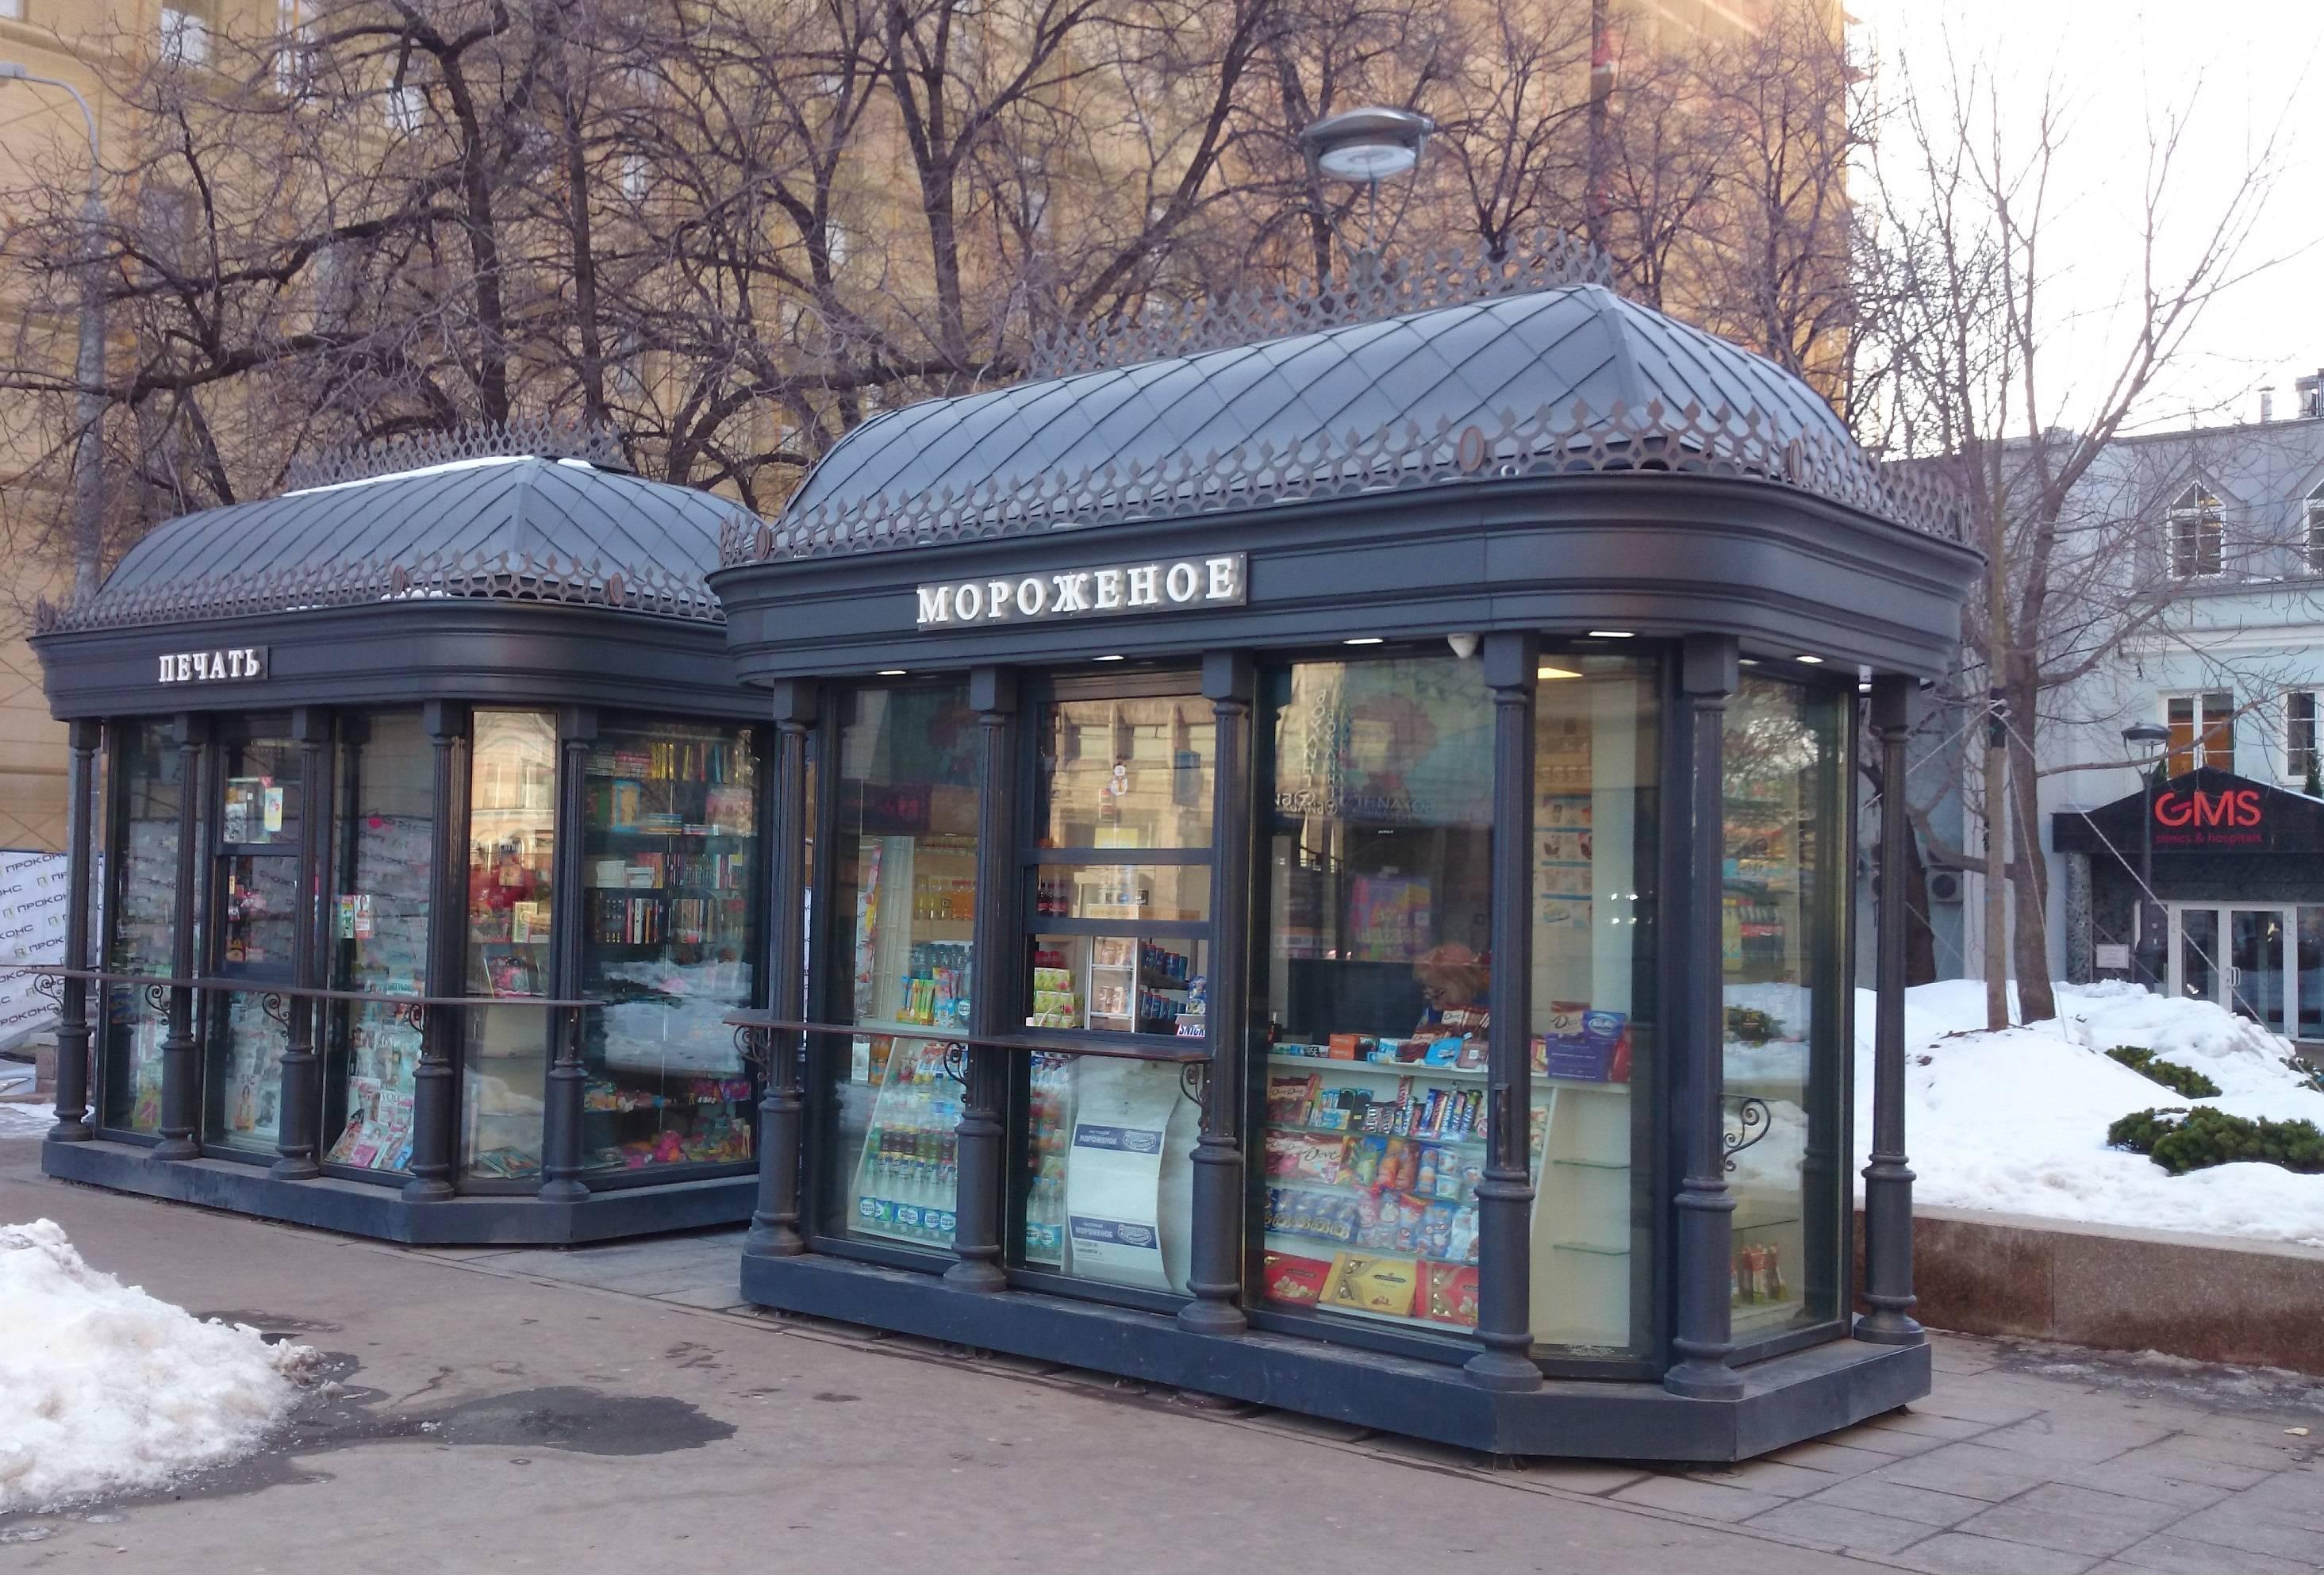 Дизайн новых московских киосков напомнил главе Минстроя Ярославский вокзал